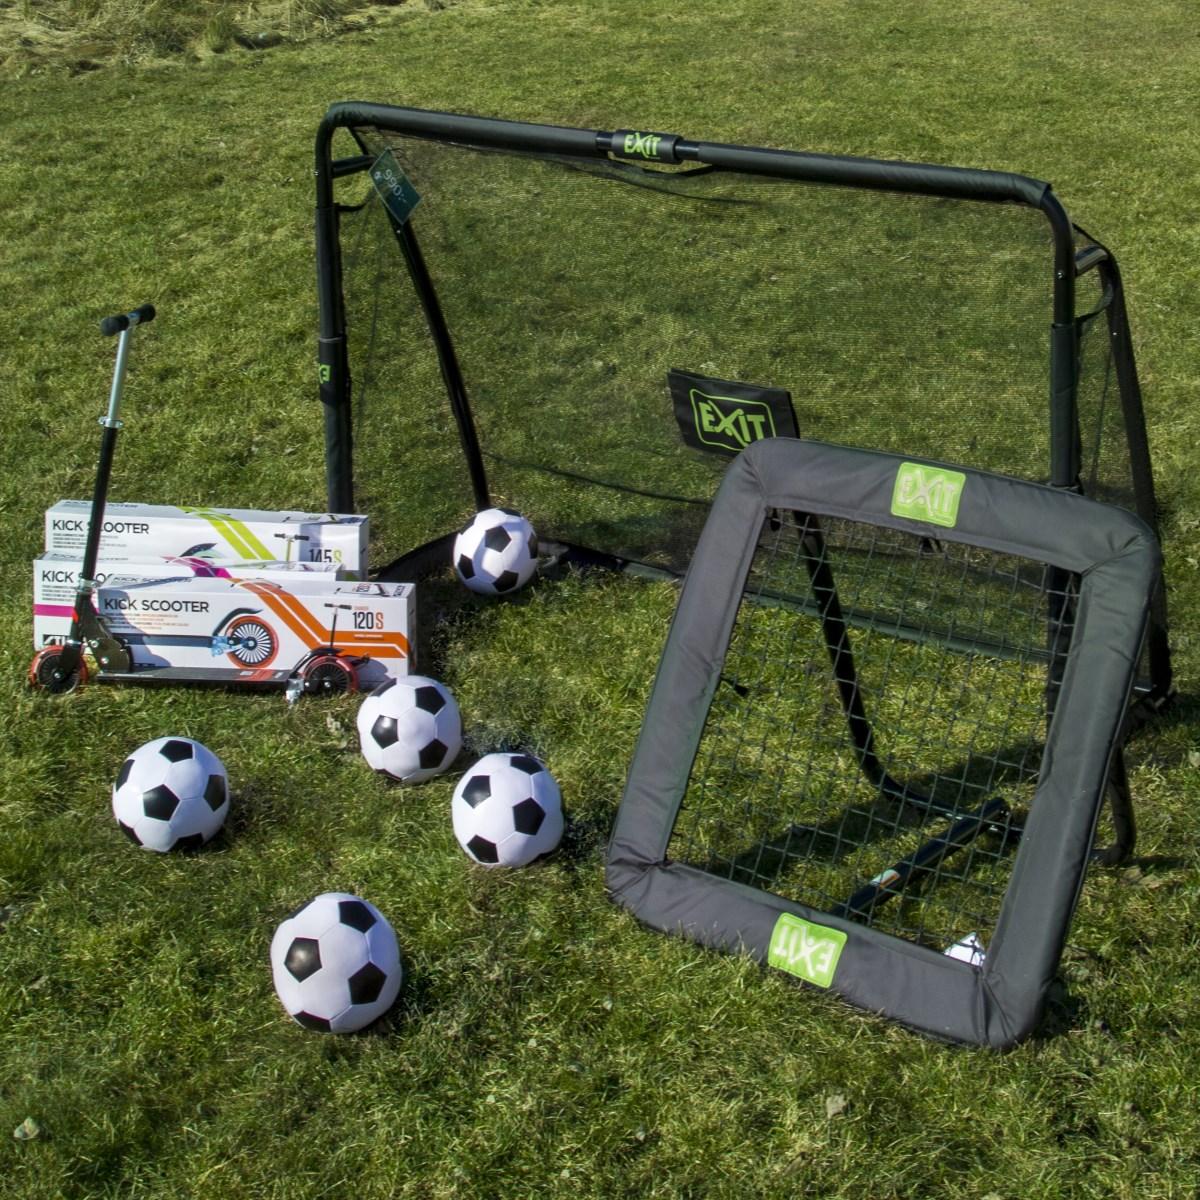 Fotbollsmål, kickbacks, sparkcyklar och bollar